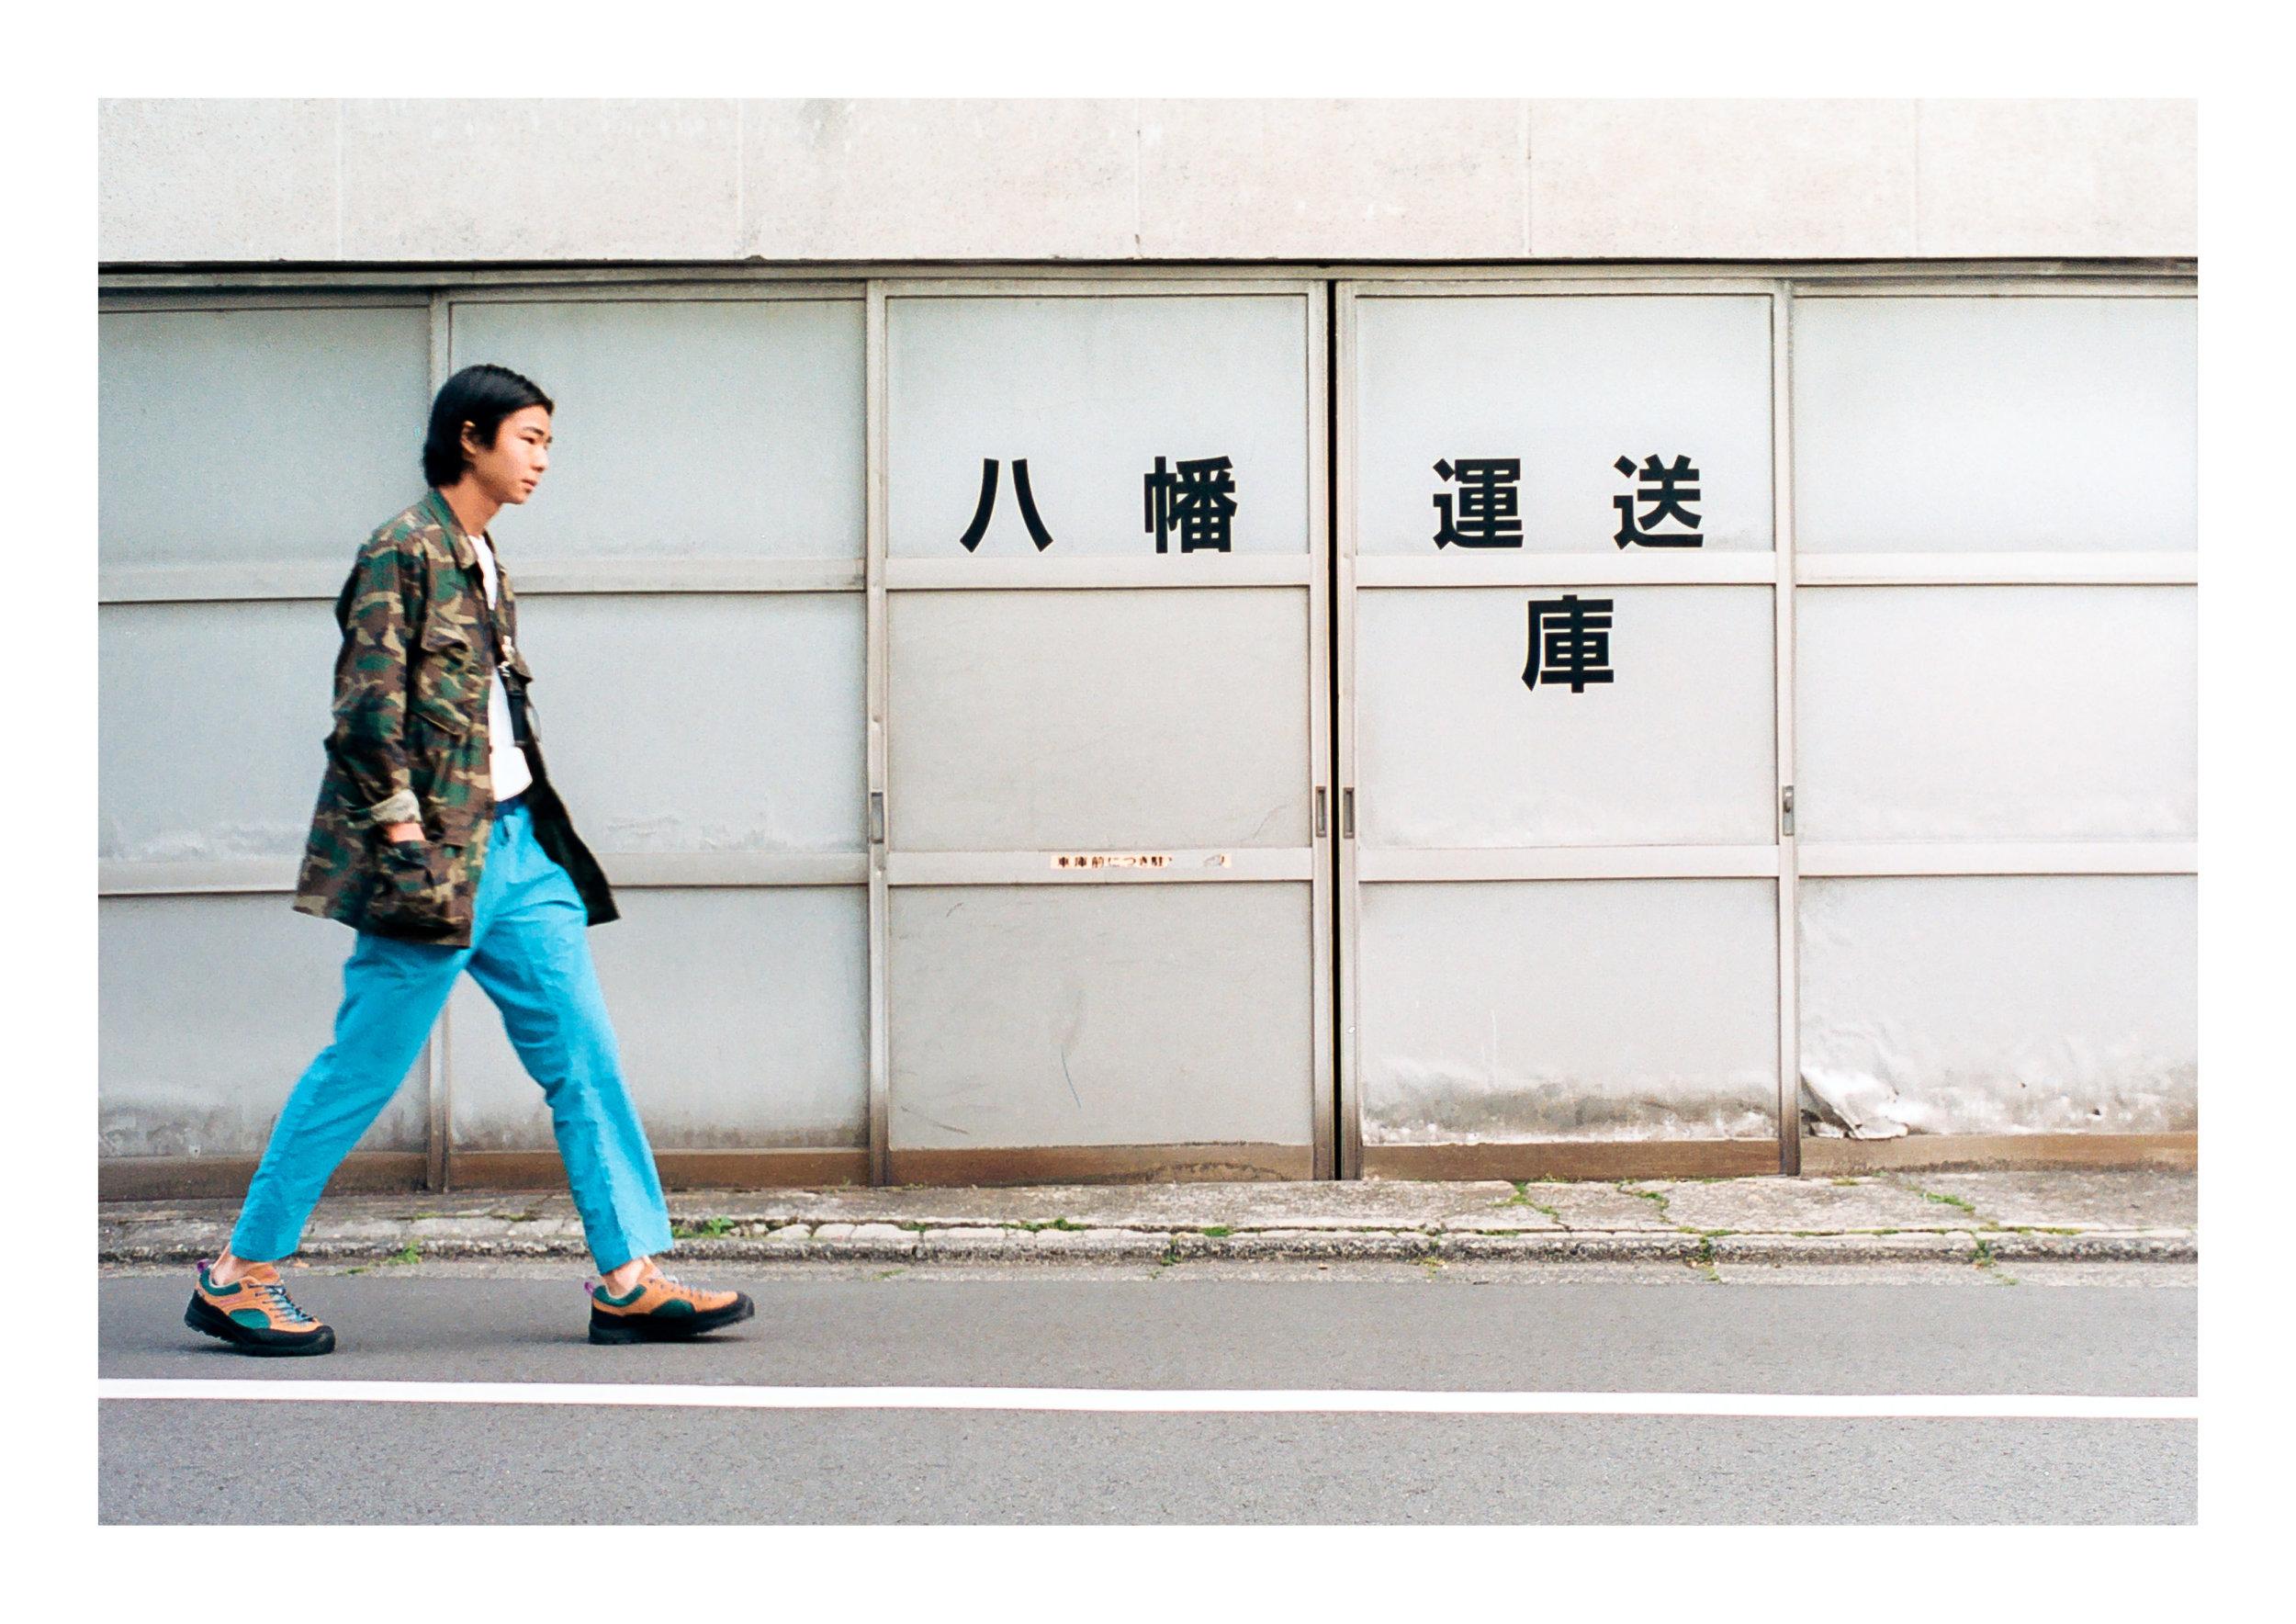 LAYOUT-TNO HI TEC JAPAN.jpg